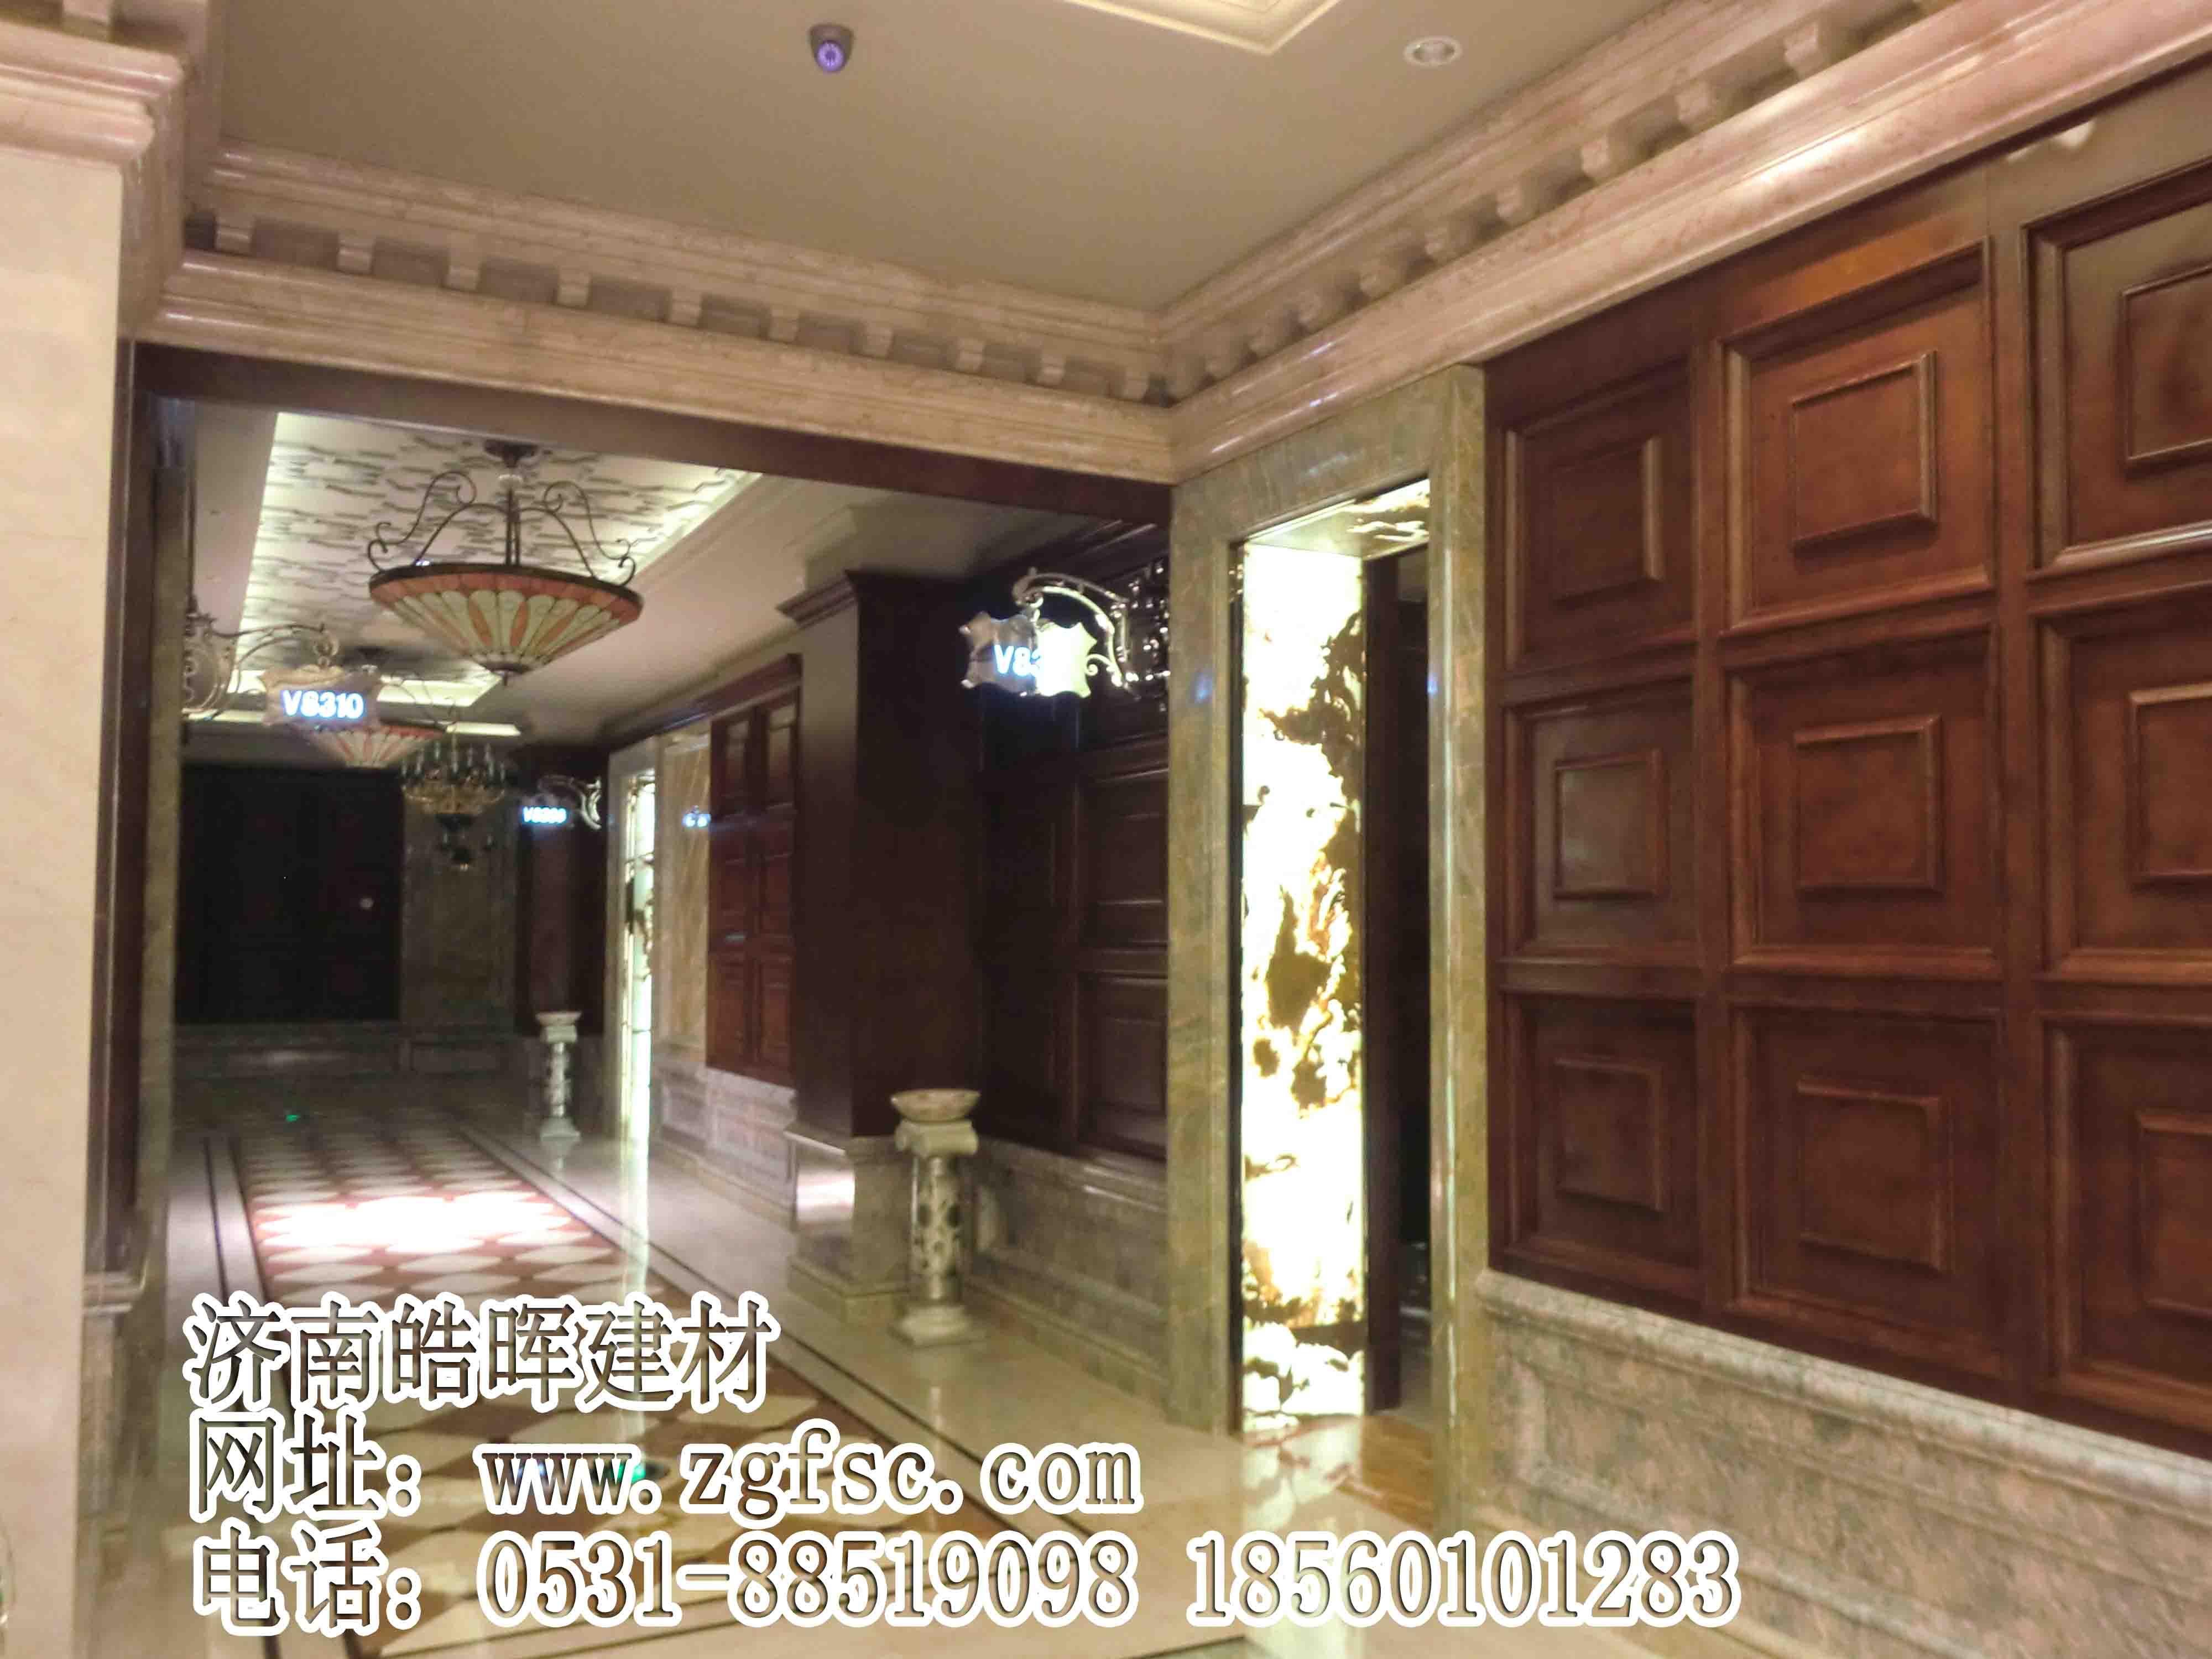 大理石价格_洗浴中心装修专用板材批发价格_济南市